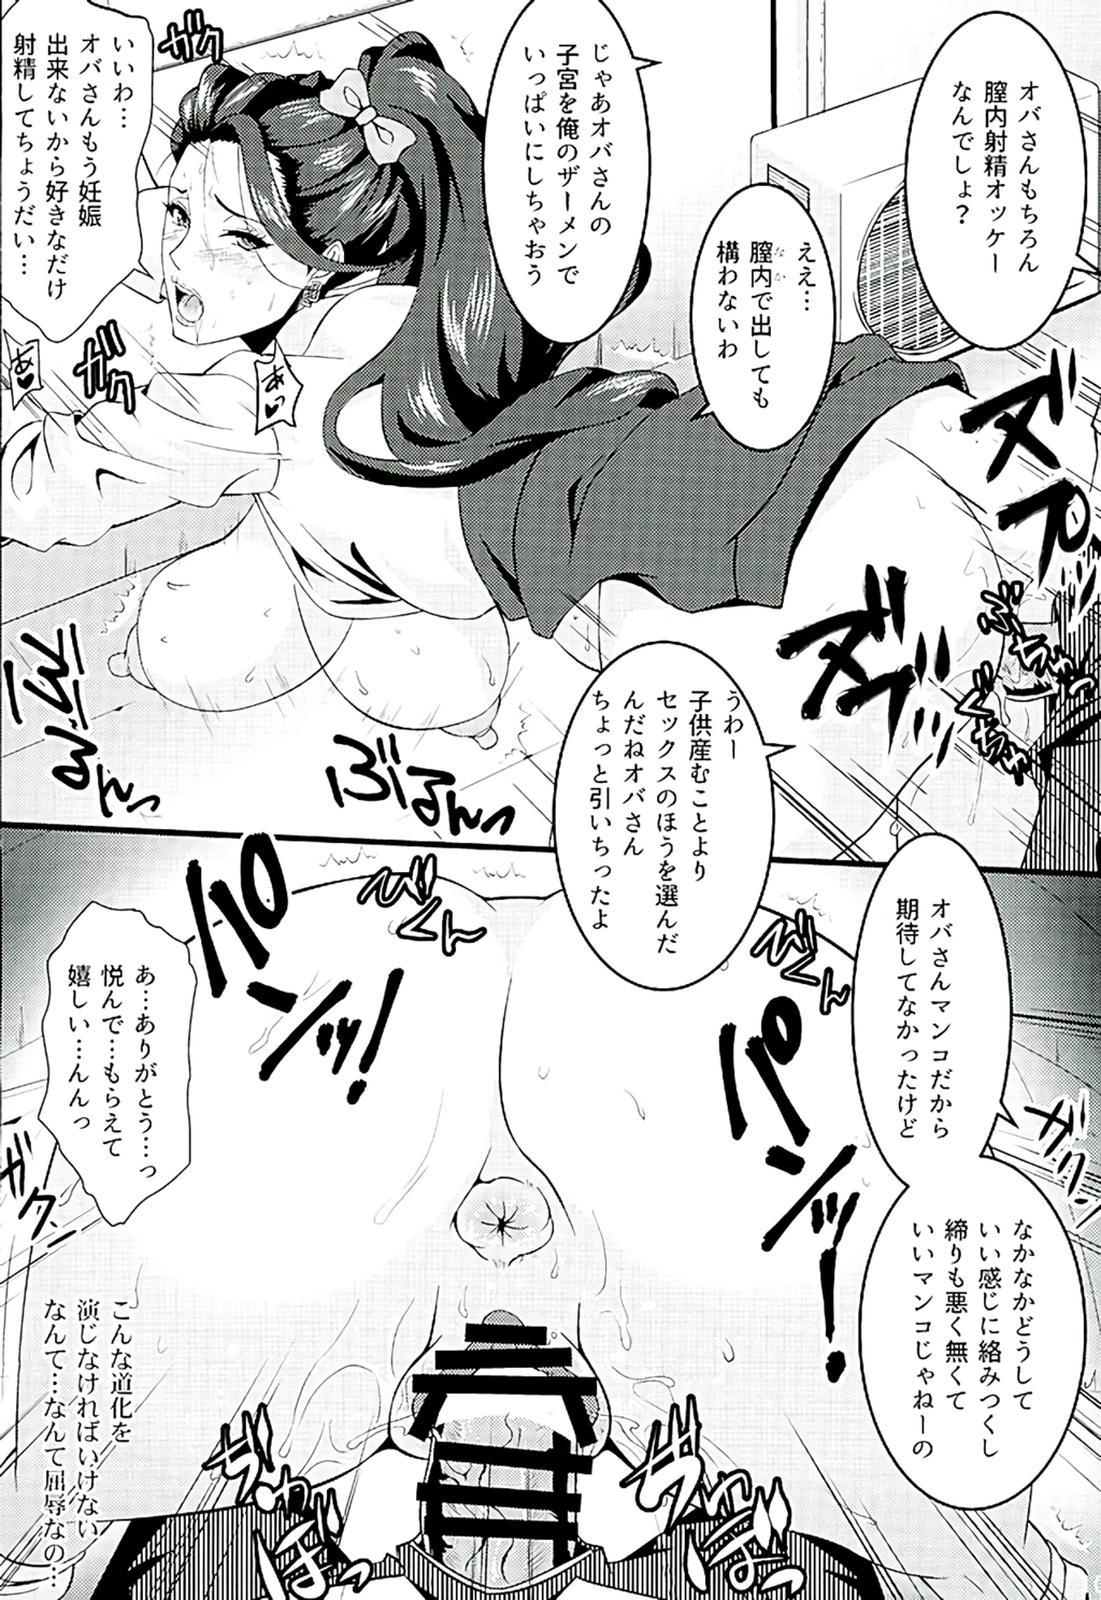 Mishiro Senmu Chijoku Settai 8